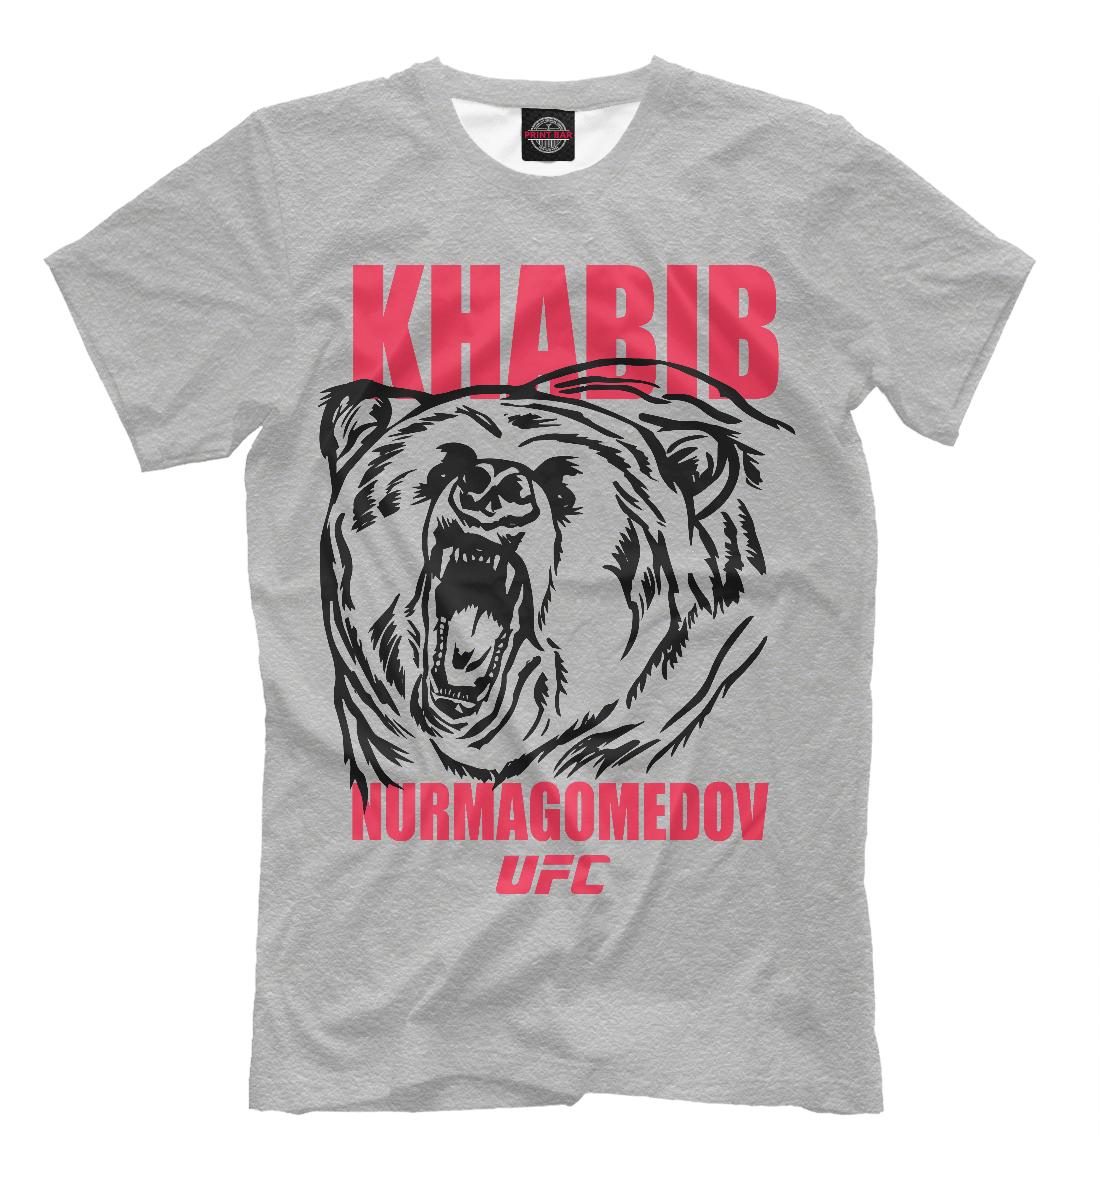 Купить Khabib Nurmagomedov UFC, Printbar, Футболки, NUR-692018-fut-2